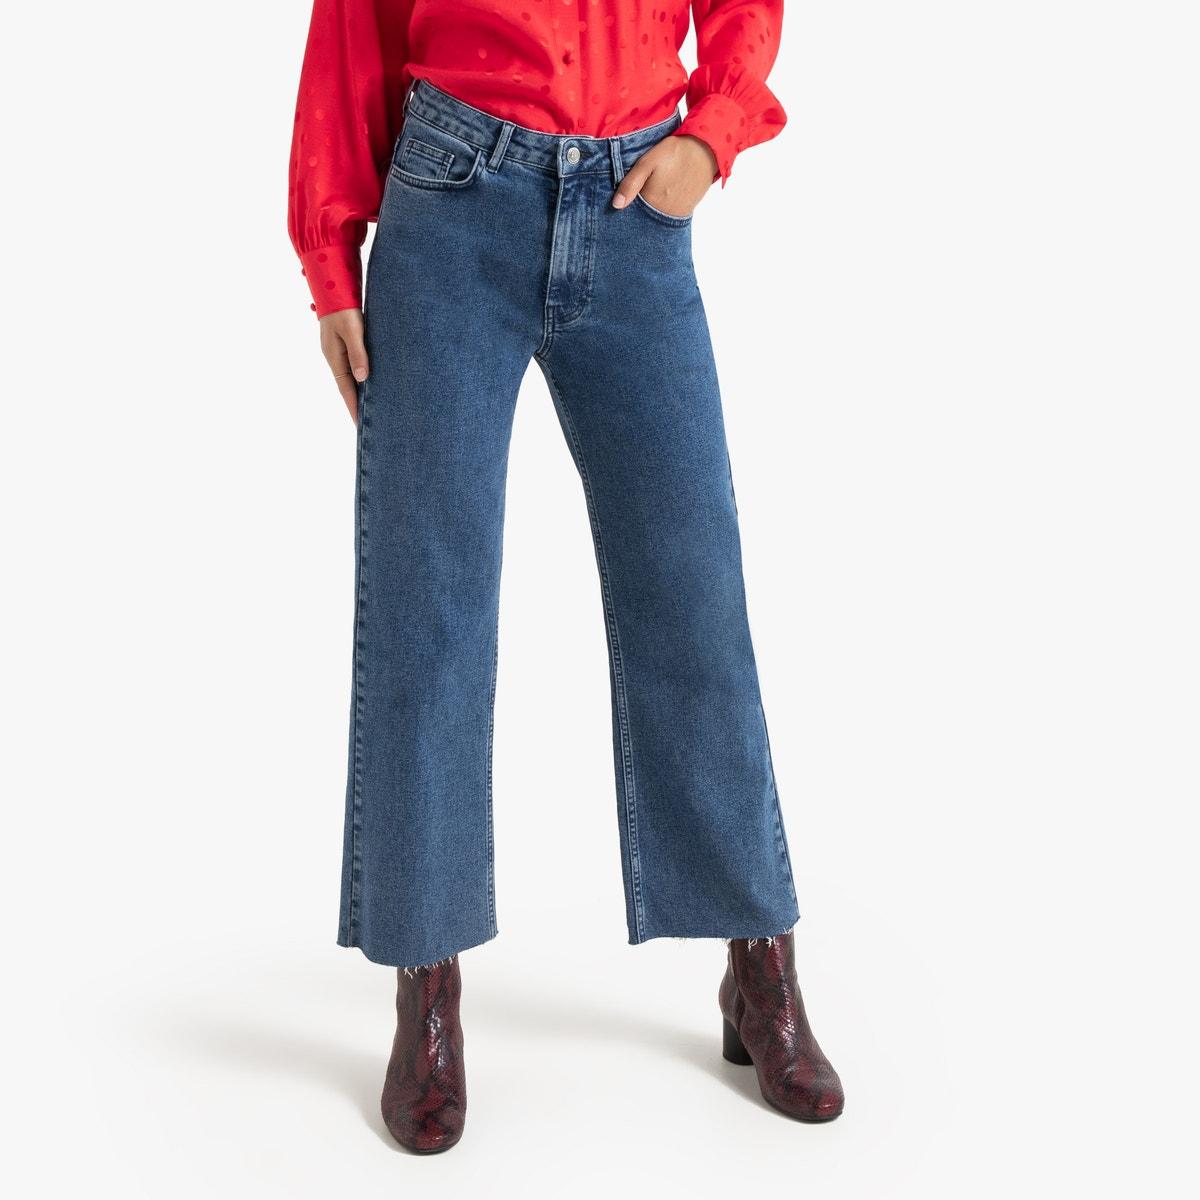 Pantalón culotte con bajos deshilachados